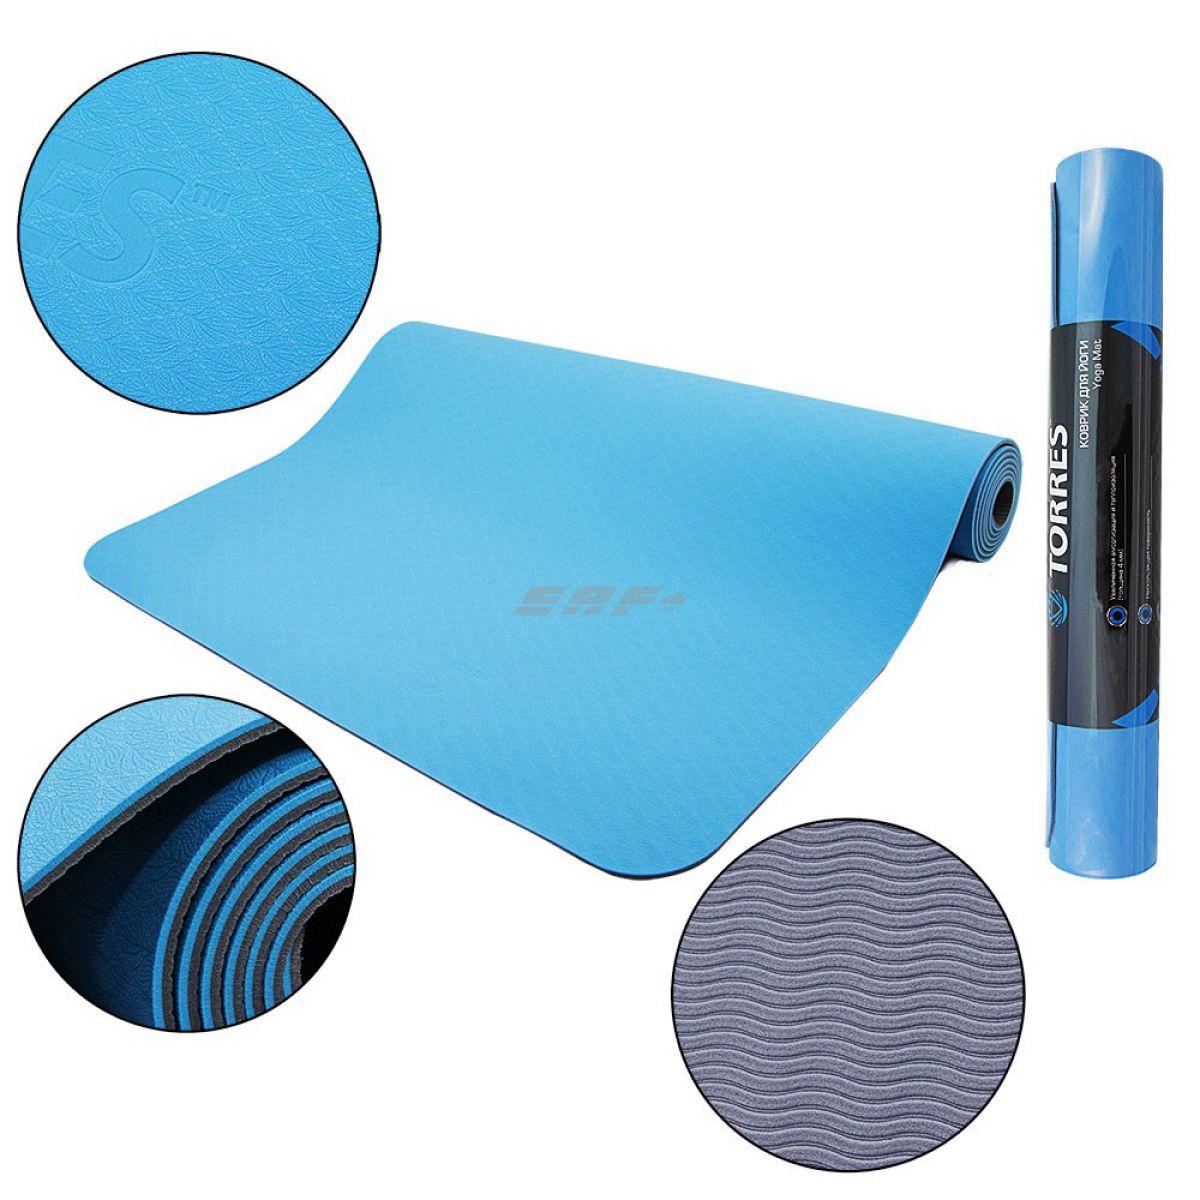 TORRES Comfort 4 Коврик для йоги 4мм